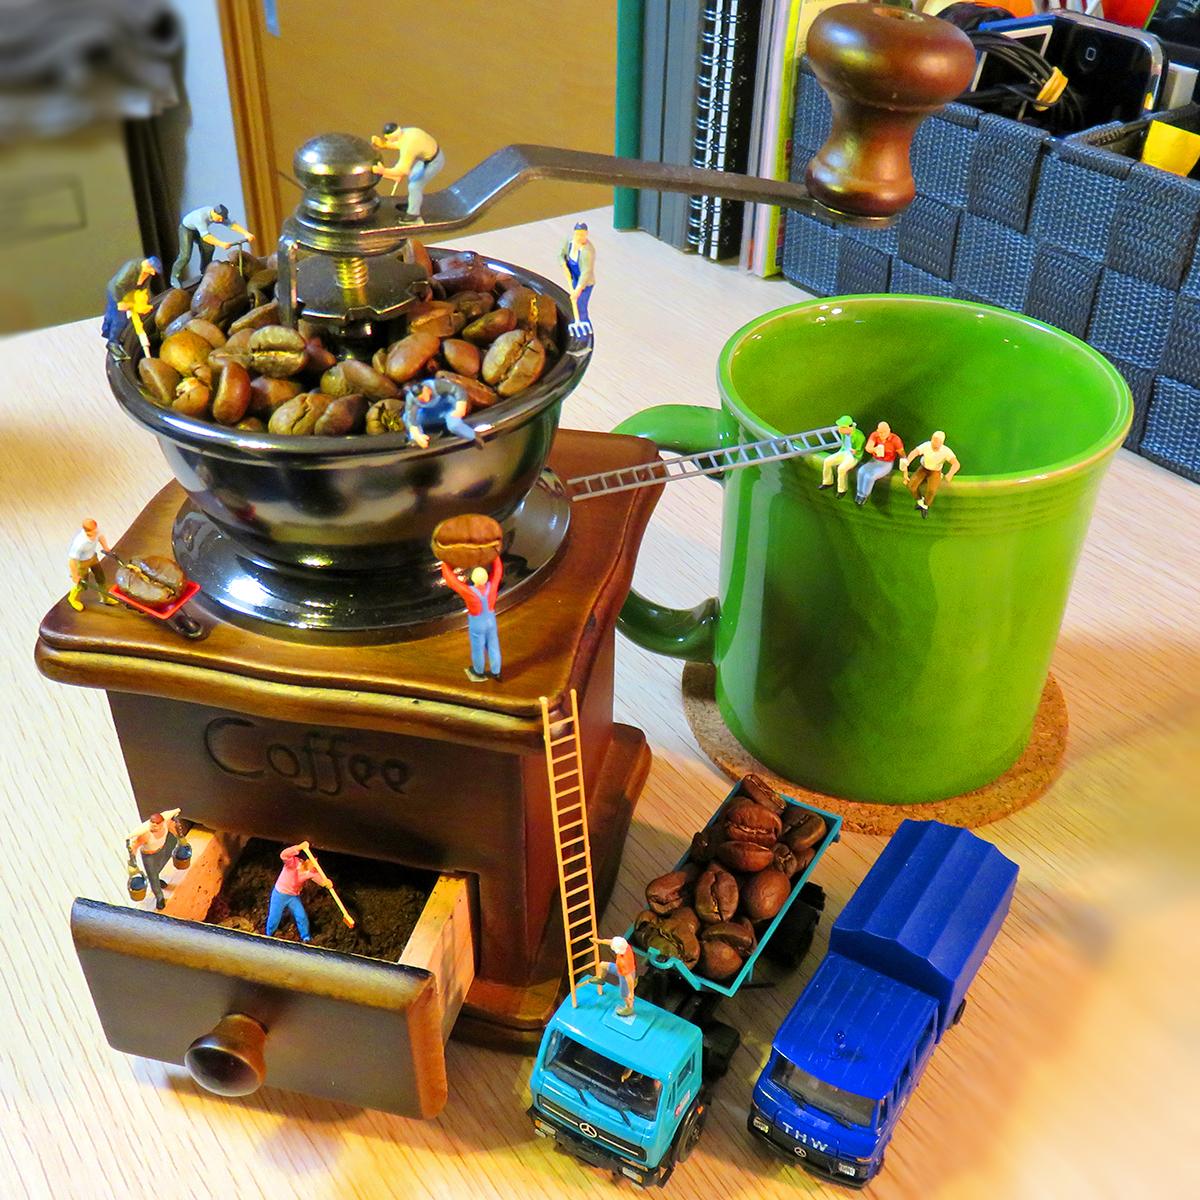 コーヒー工場から届けられた良質なコーヒー豆をコーヒーミルで挽く作業員たち